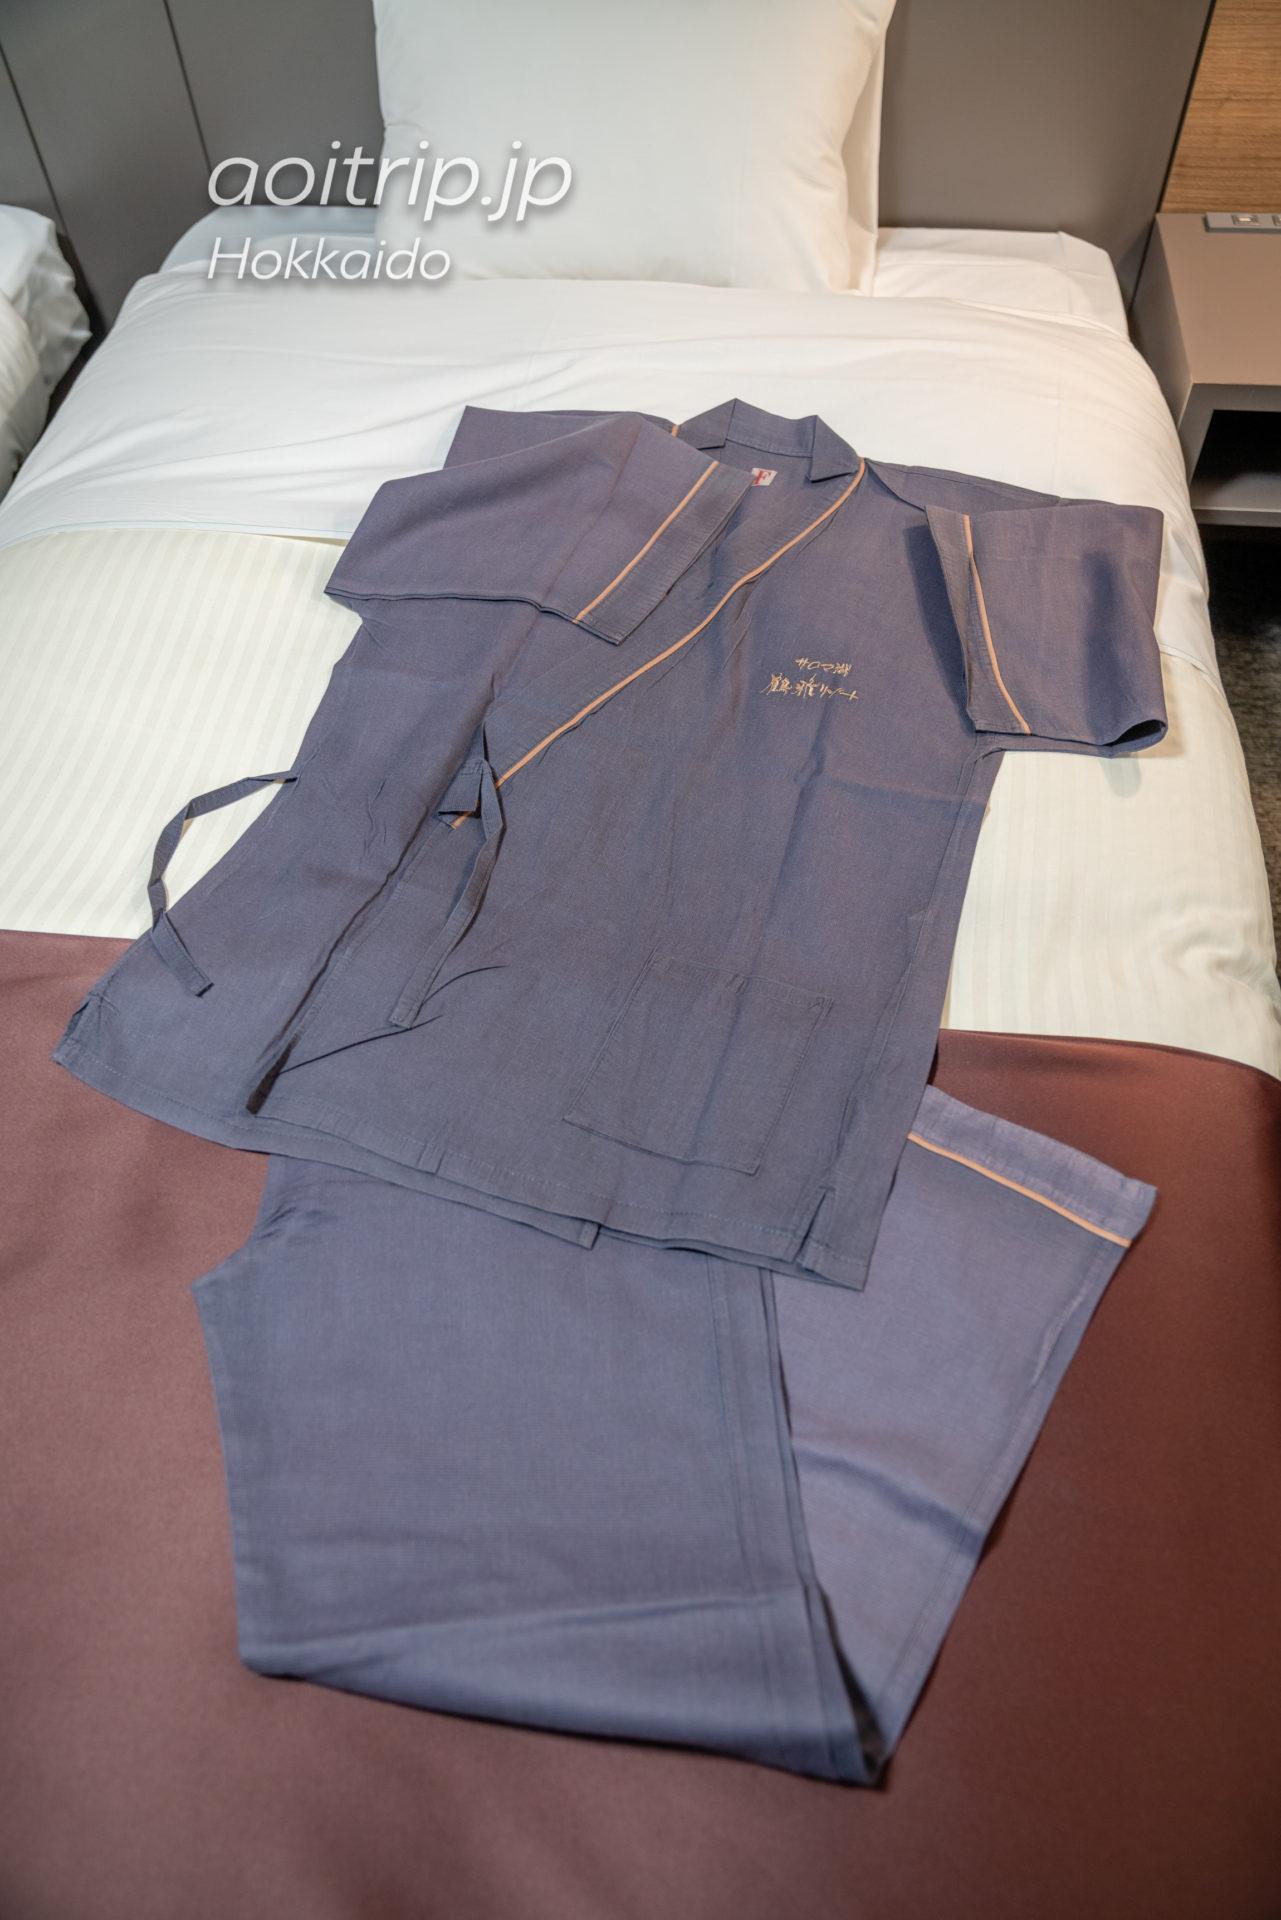 サロマ湖 鶴雅リゾートのパジャマ(館内着)